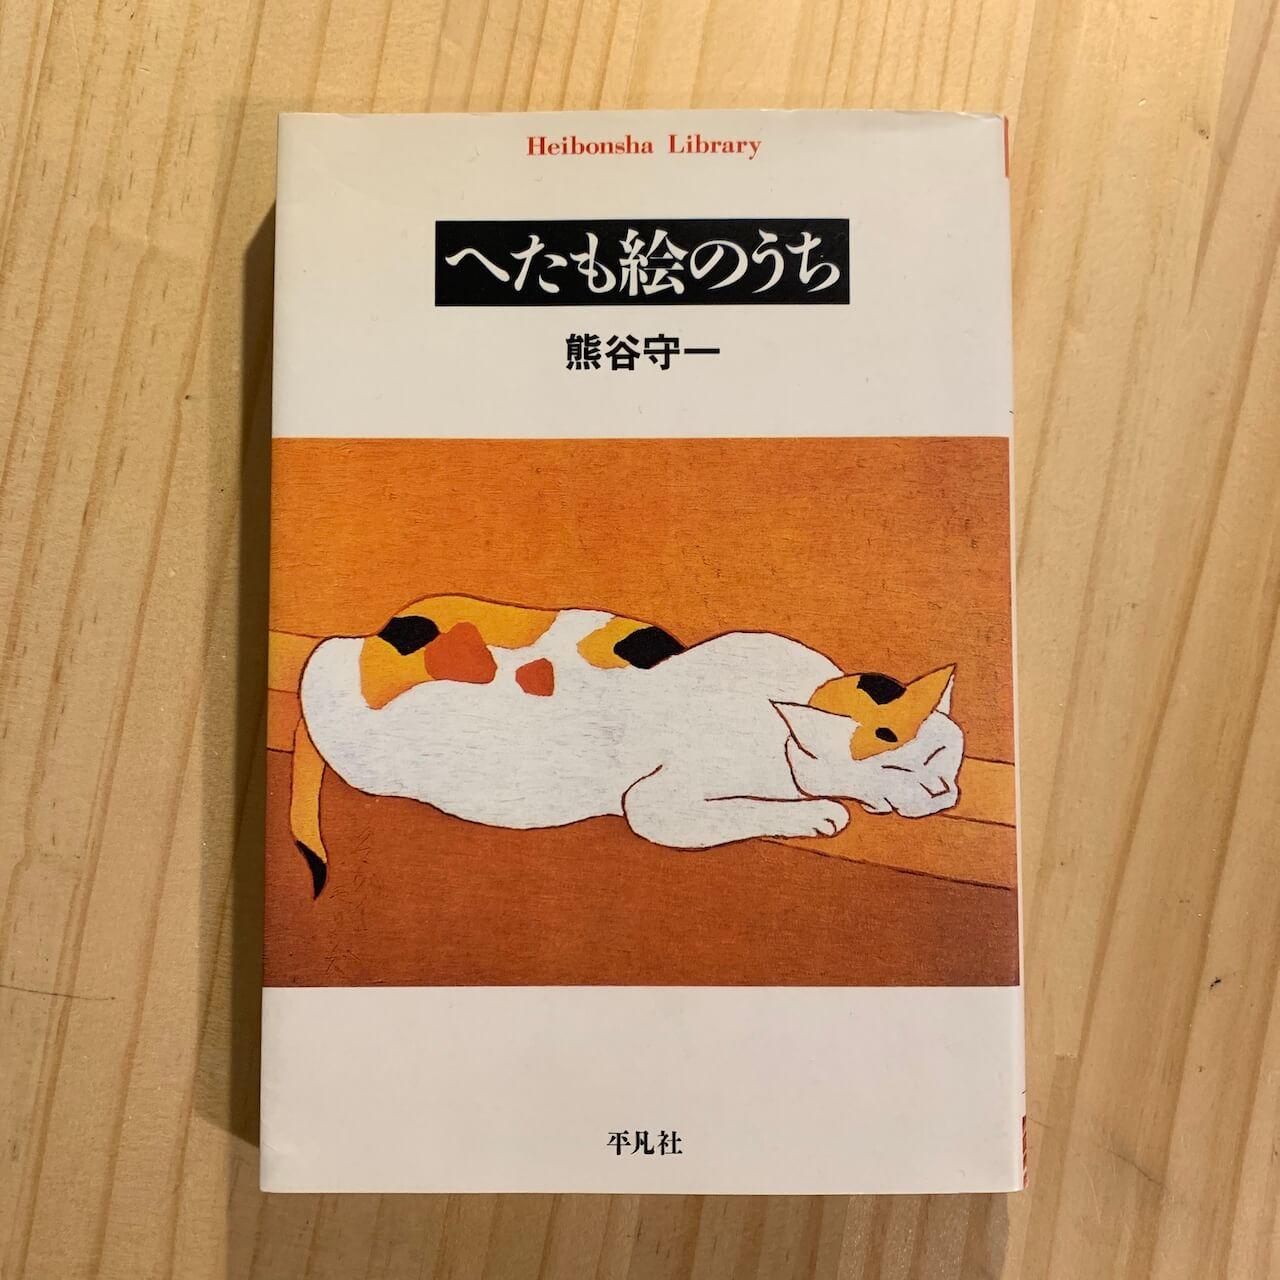 アートブックノススメ:番外編 nutsman -『へたも絵のうち』/熊谷守一 column210506-nutsman-2